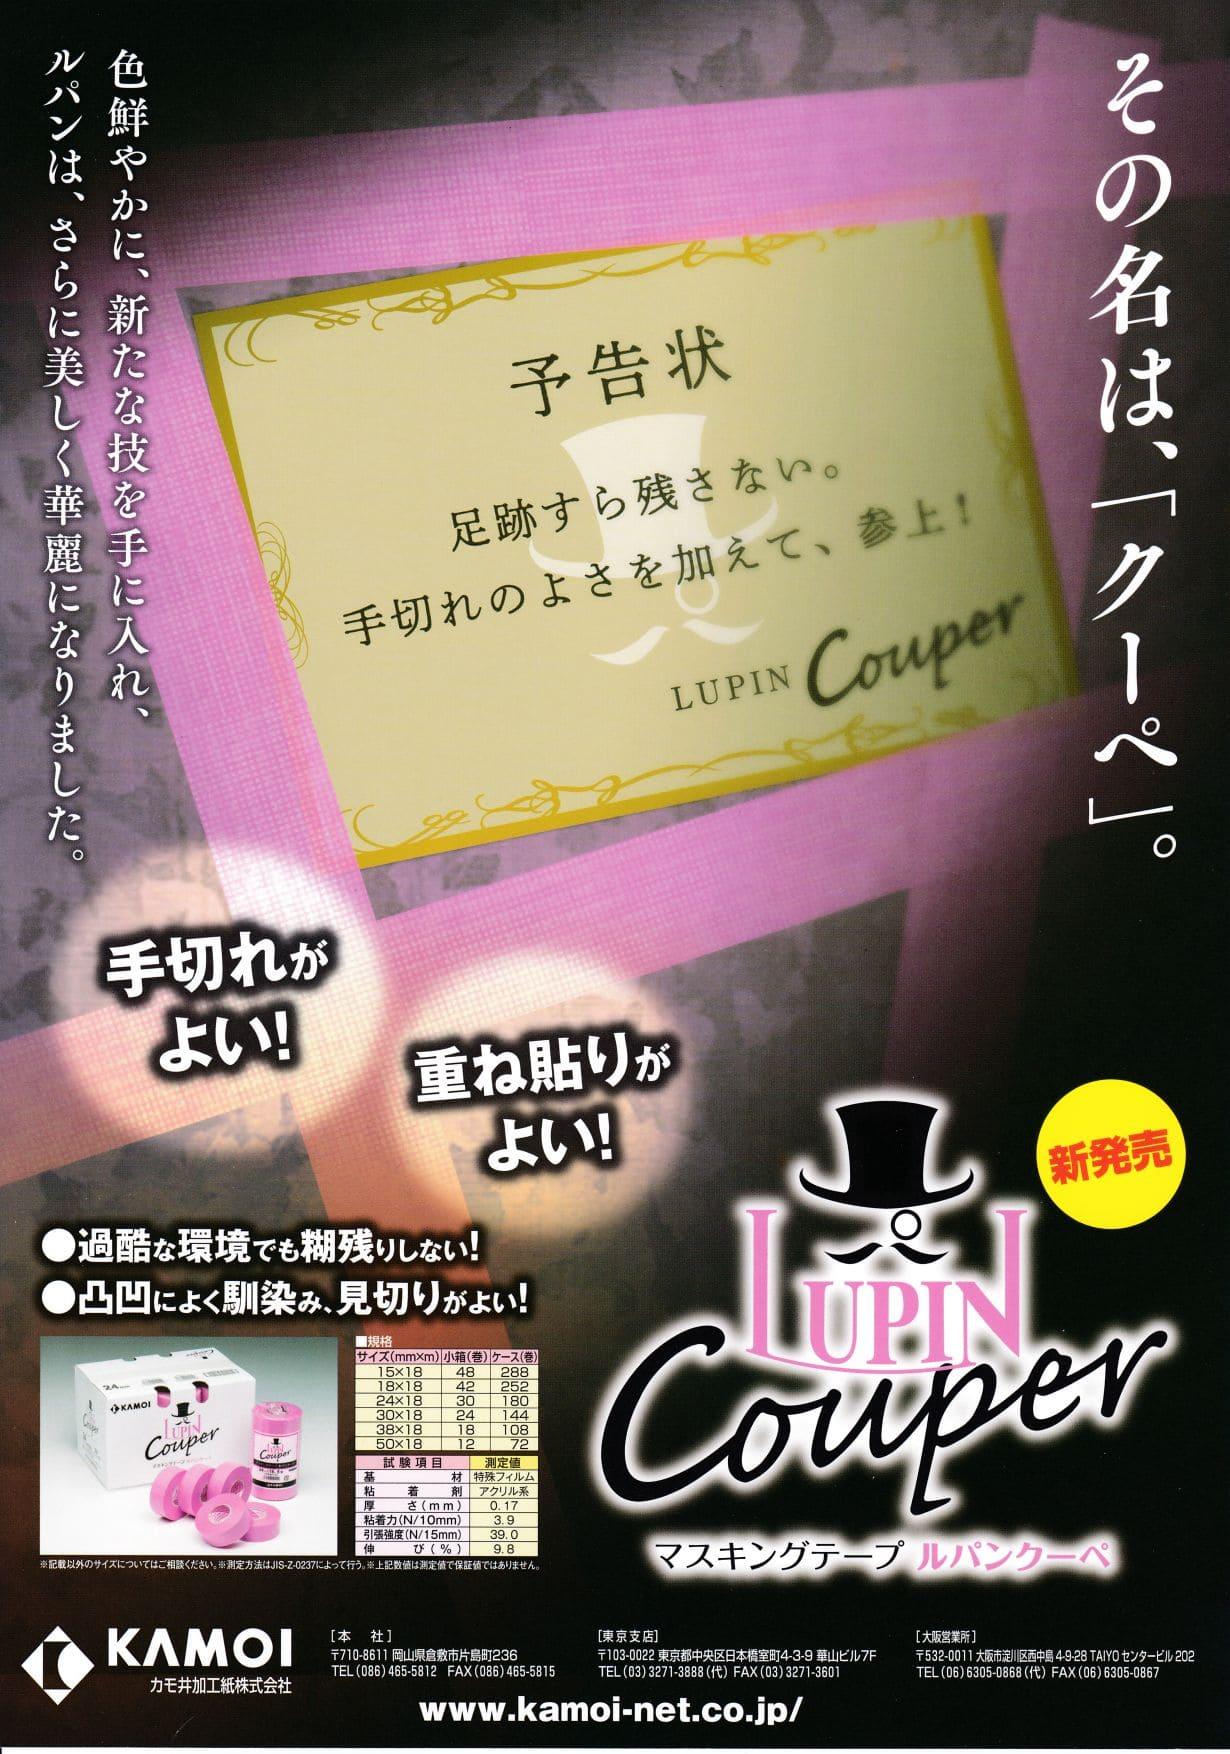 徳島のリコー塗料販売店-チラシ1-